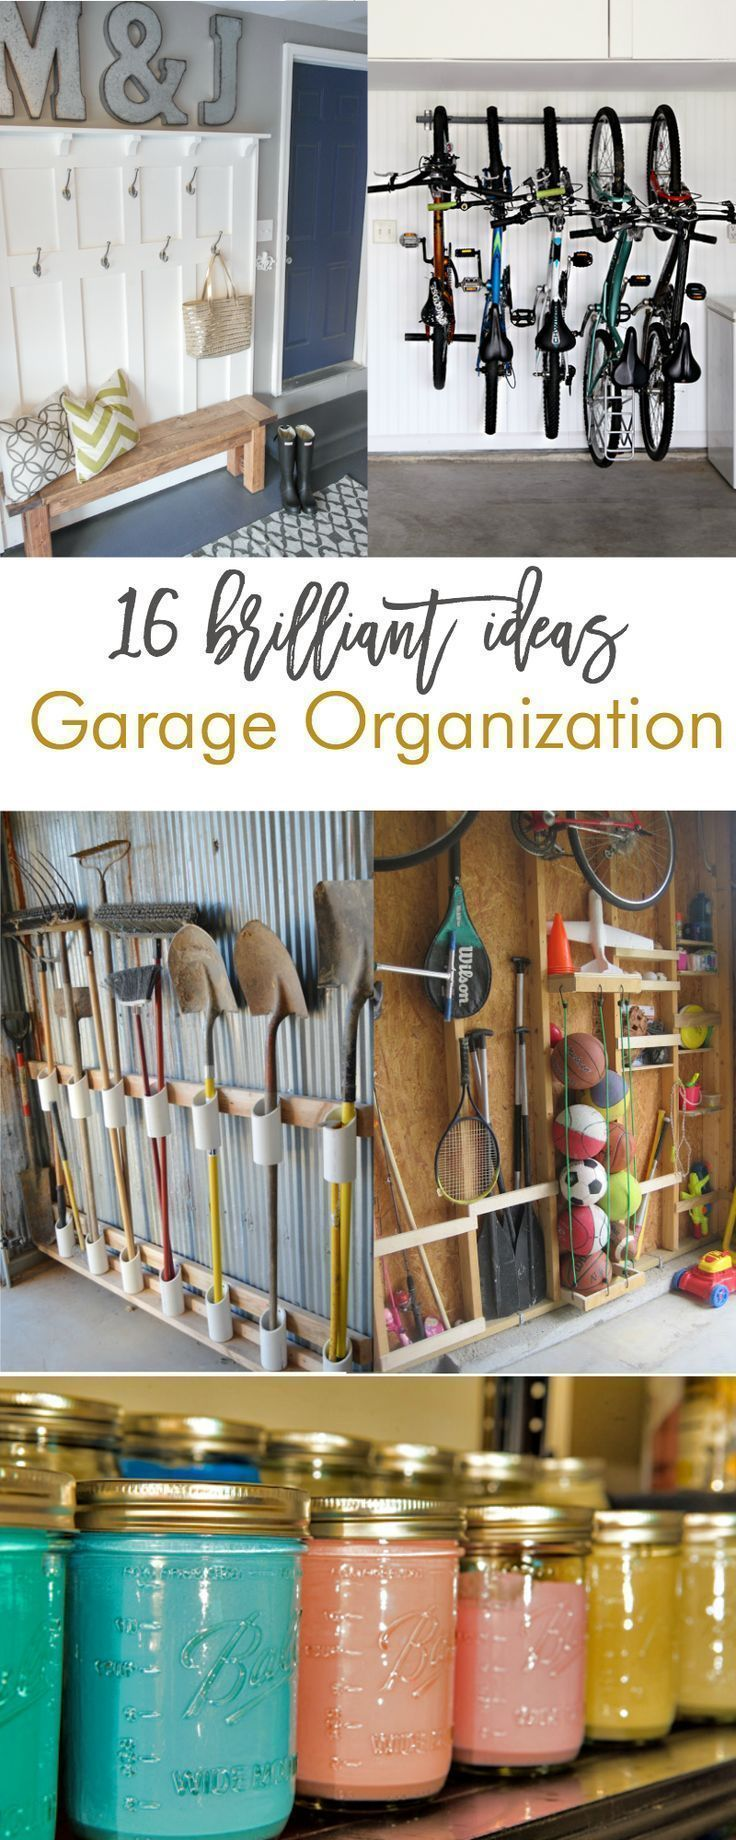 16 Brilliant DIY Garage Organization Ideas 192